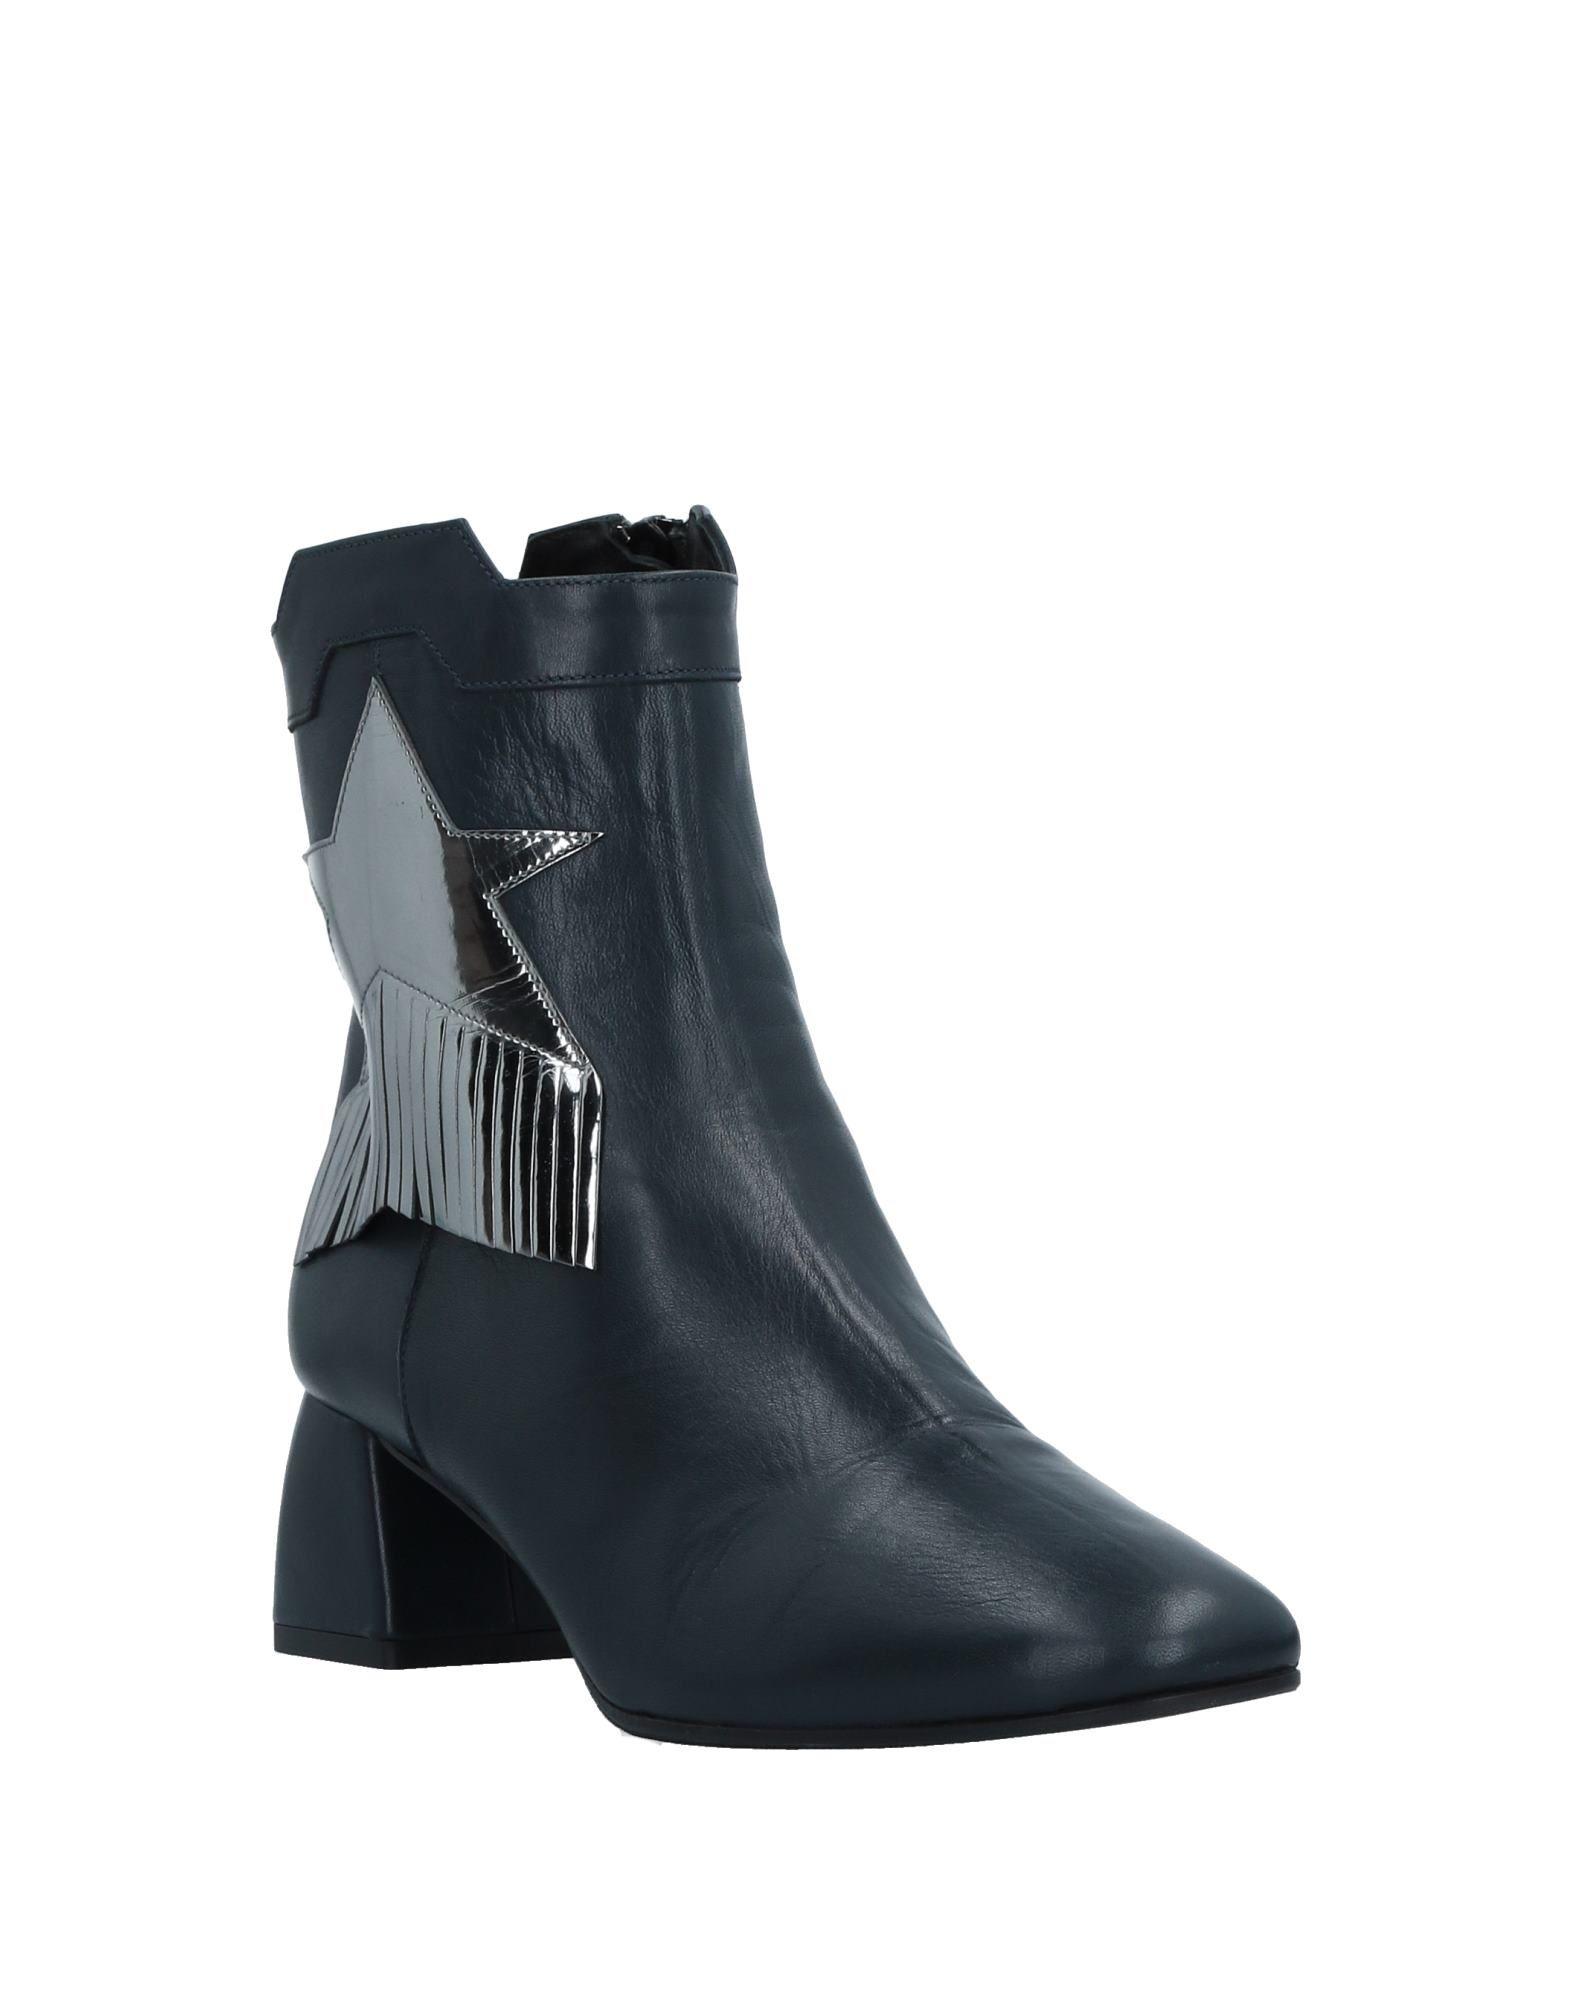 Marc 11510207NJ Ellis Stiefelette Damen  11510207NJ Marc Gute Qualität beliebte Schuhe 18047c